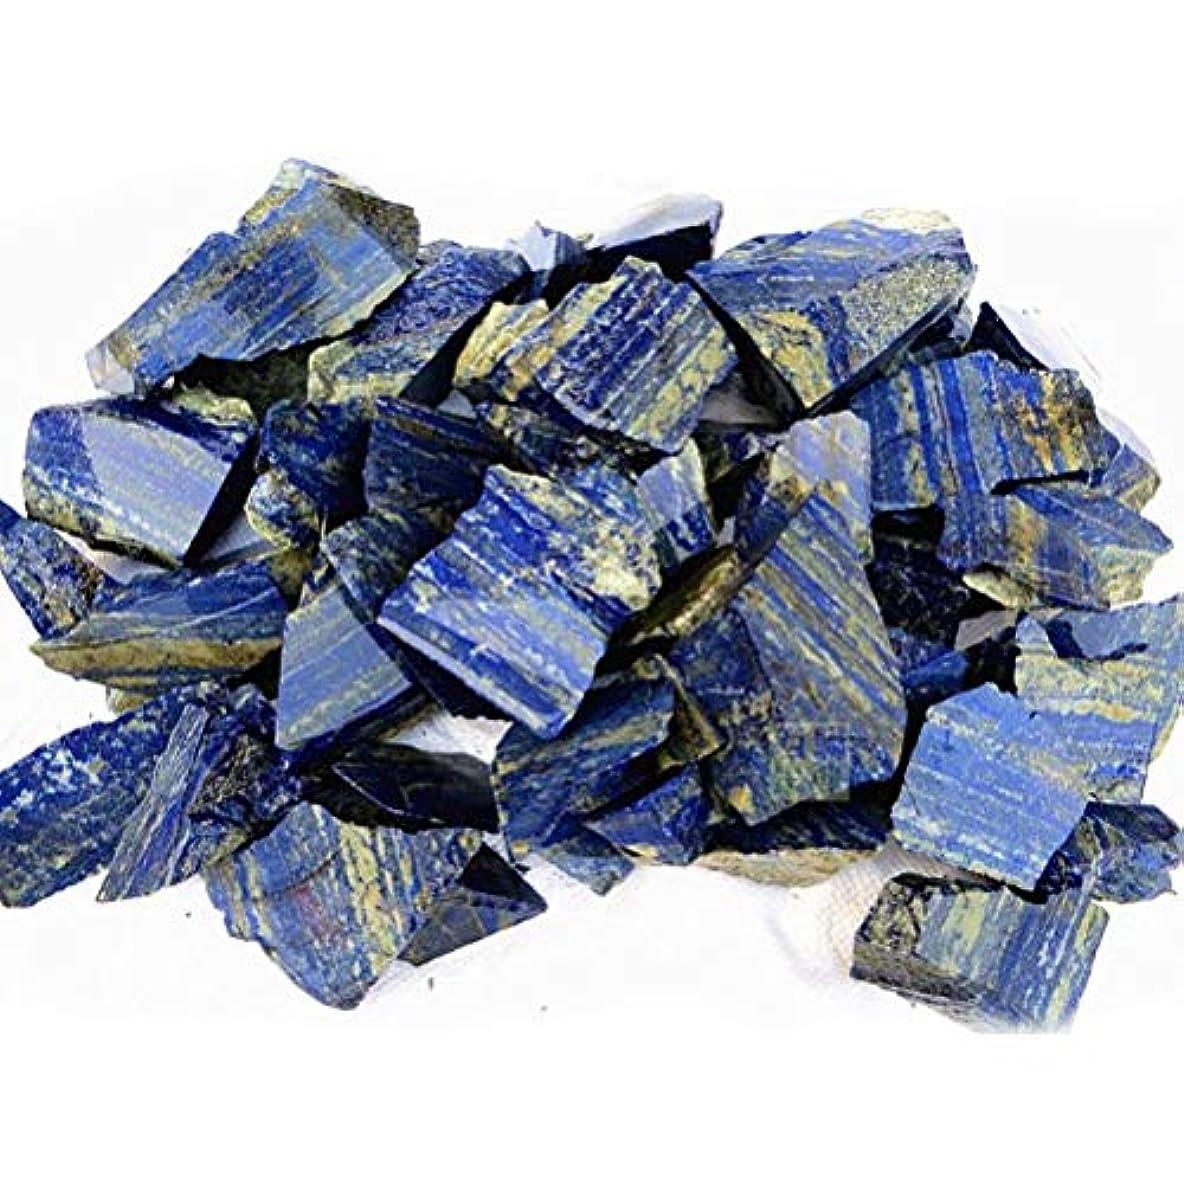 ミント不健康つづりVosarea 100グラムナチュラルラピスラズリタンブルストーンヒーリングレイキクリスタルジュエリー作りホームデコレーションdiy材料宝石石